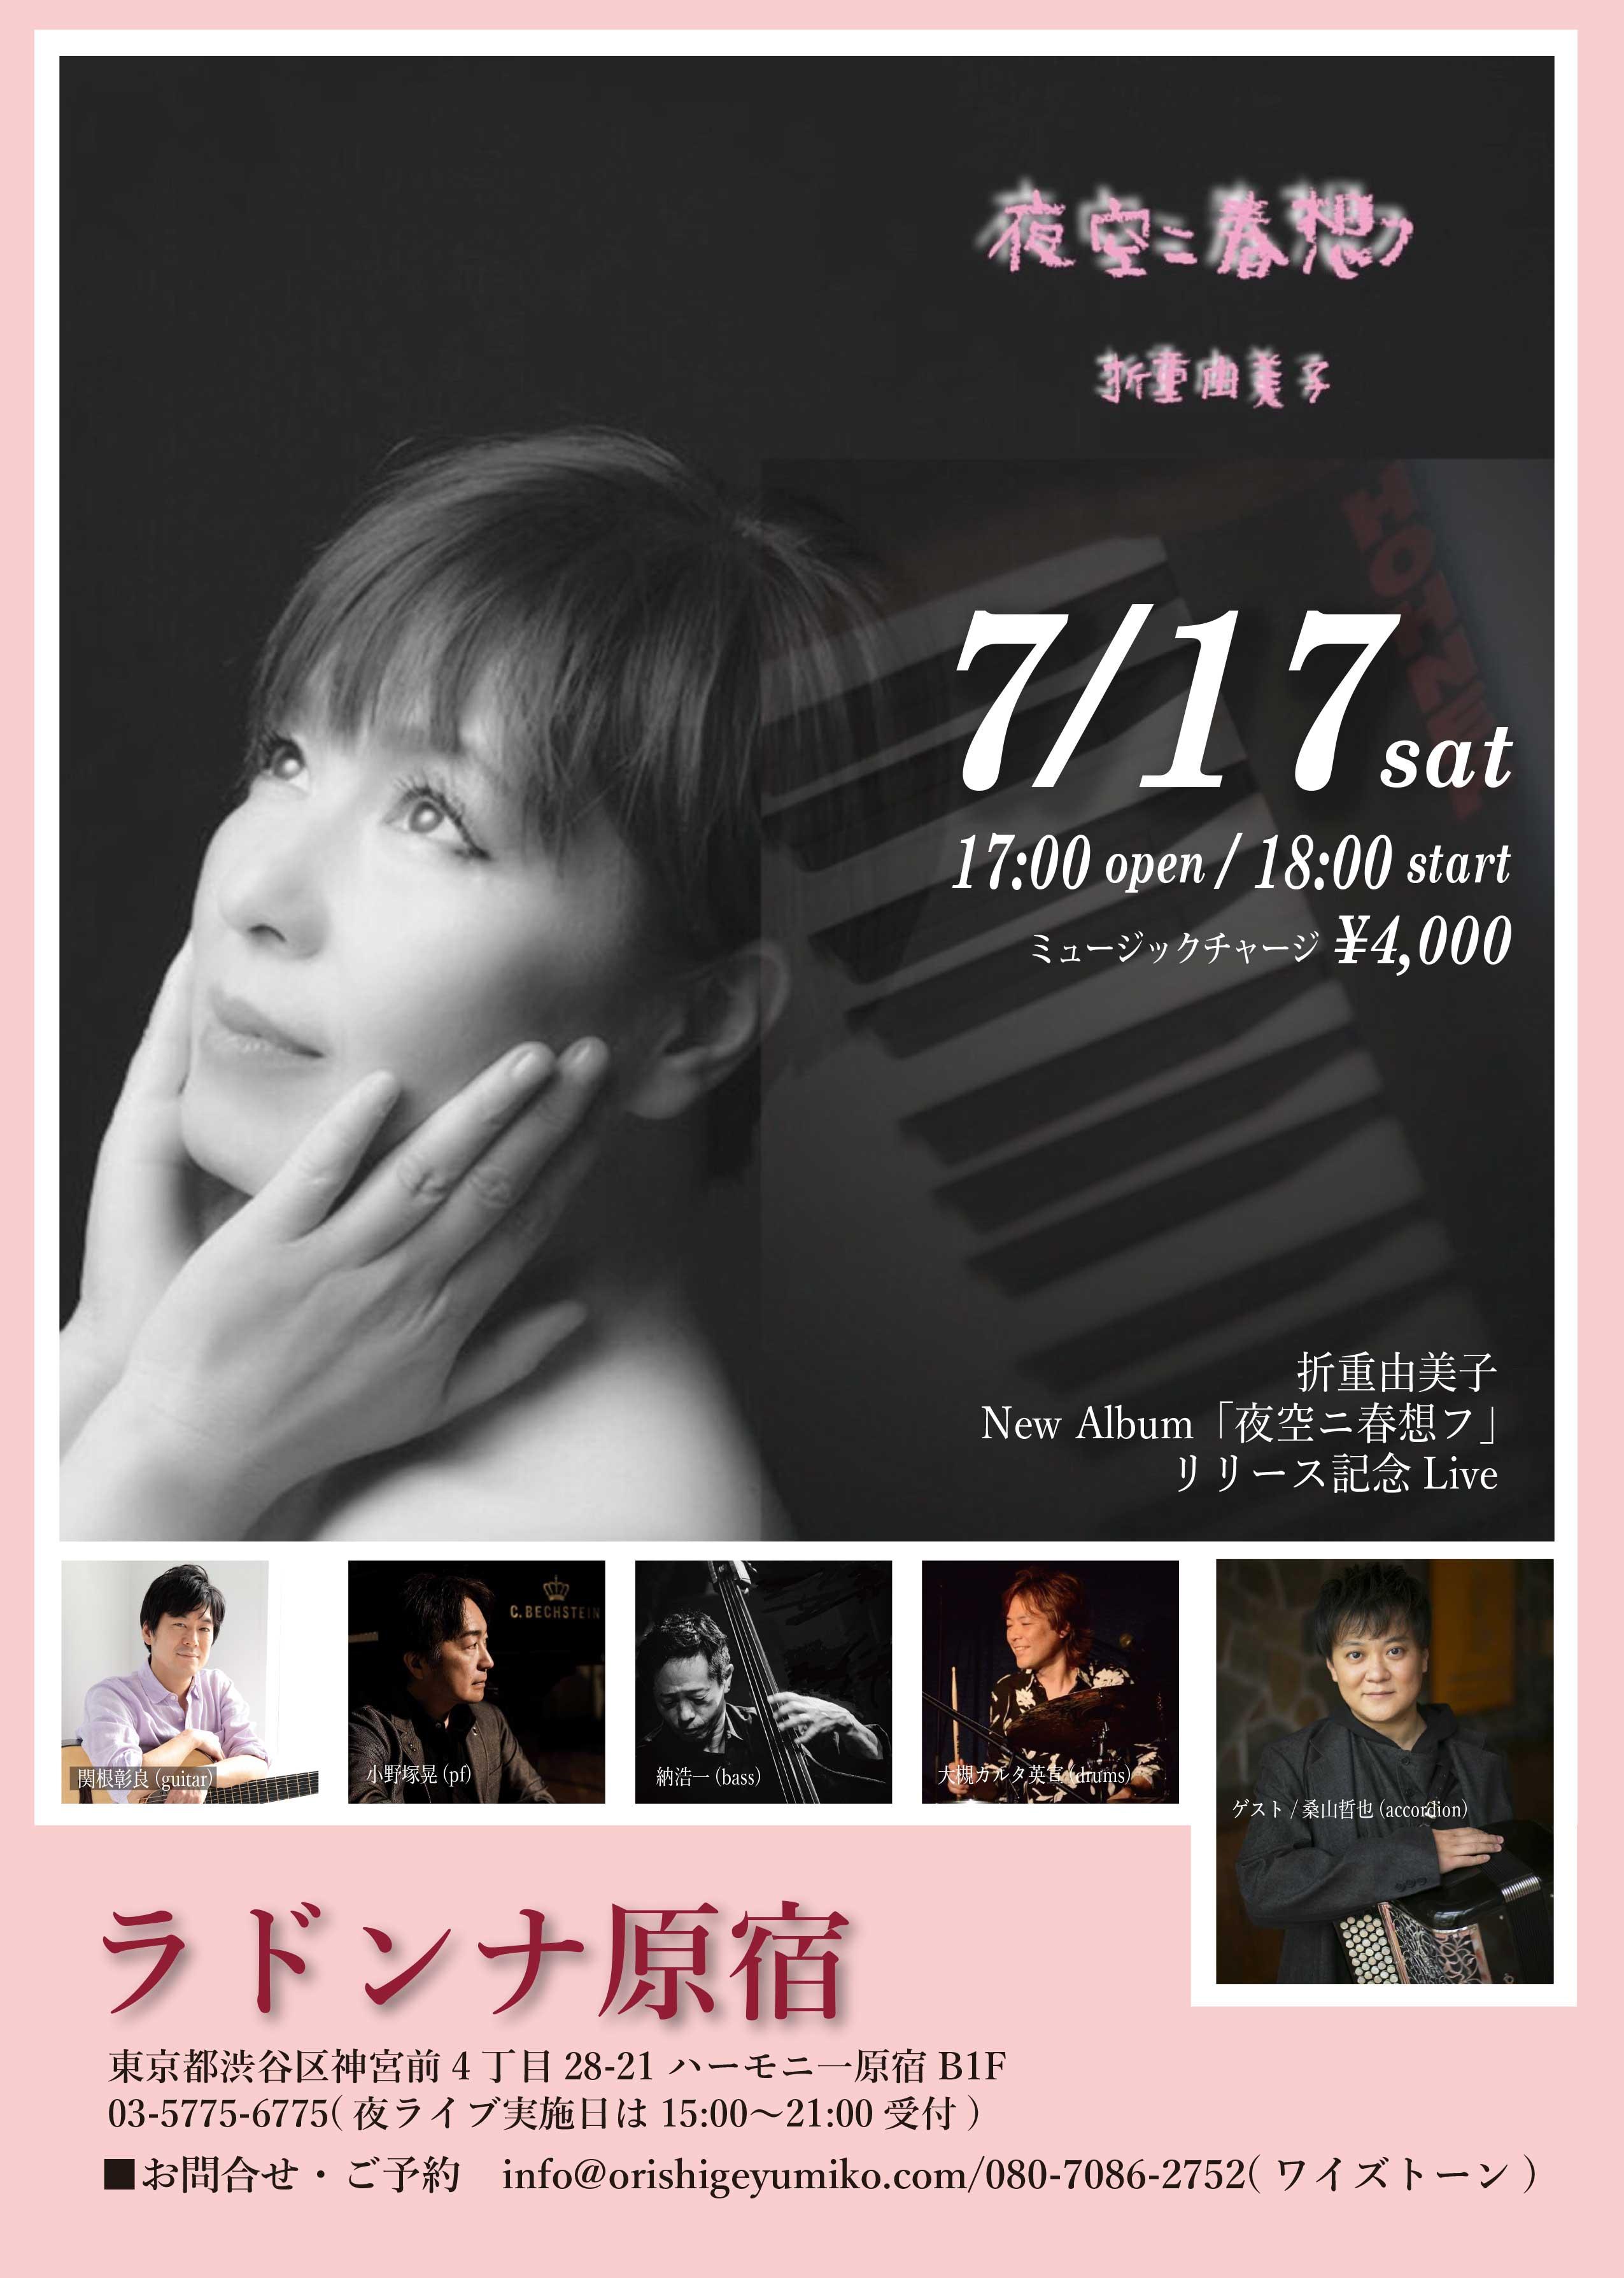 【5/23振替公演】折重由美子NewAlbum「夜空ニ春想フ」リリース記念Live